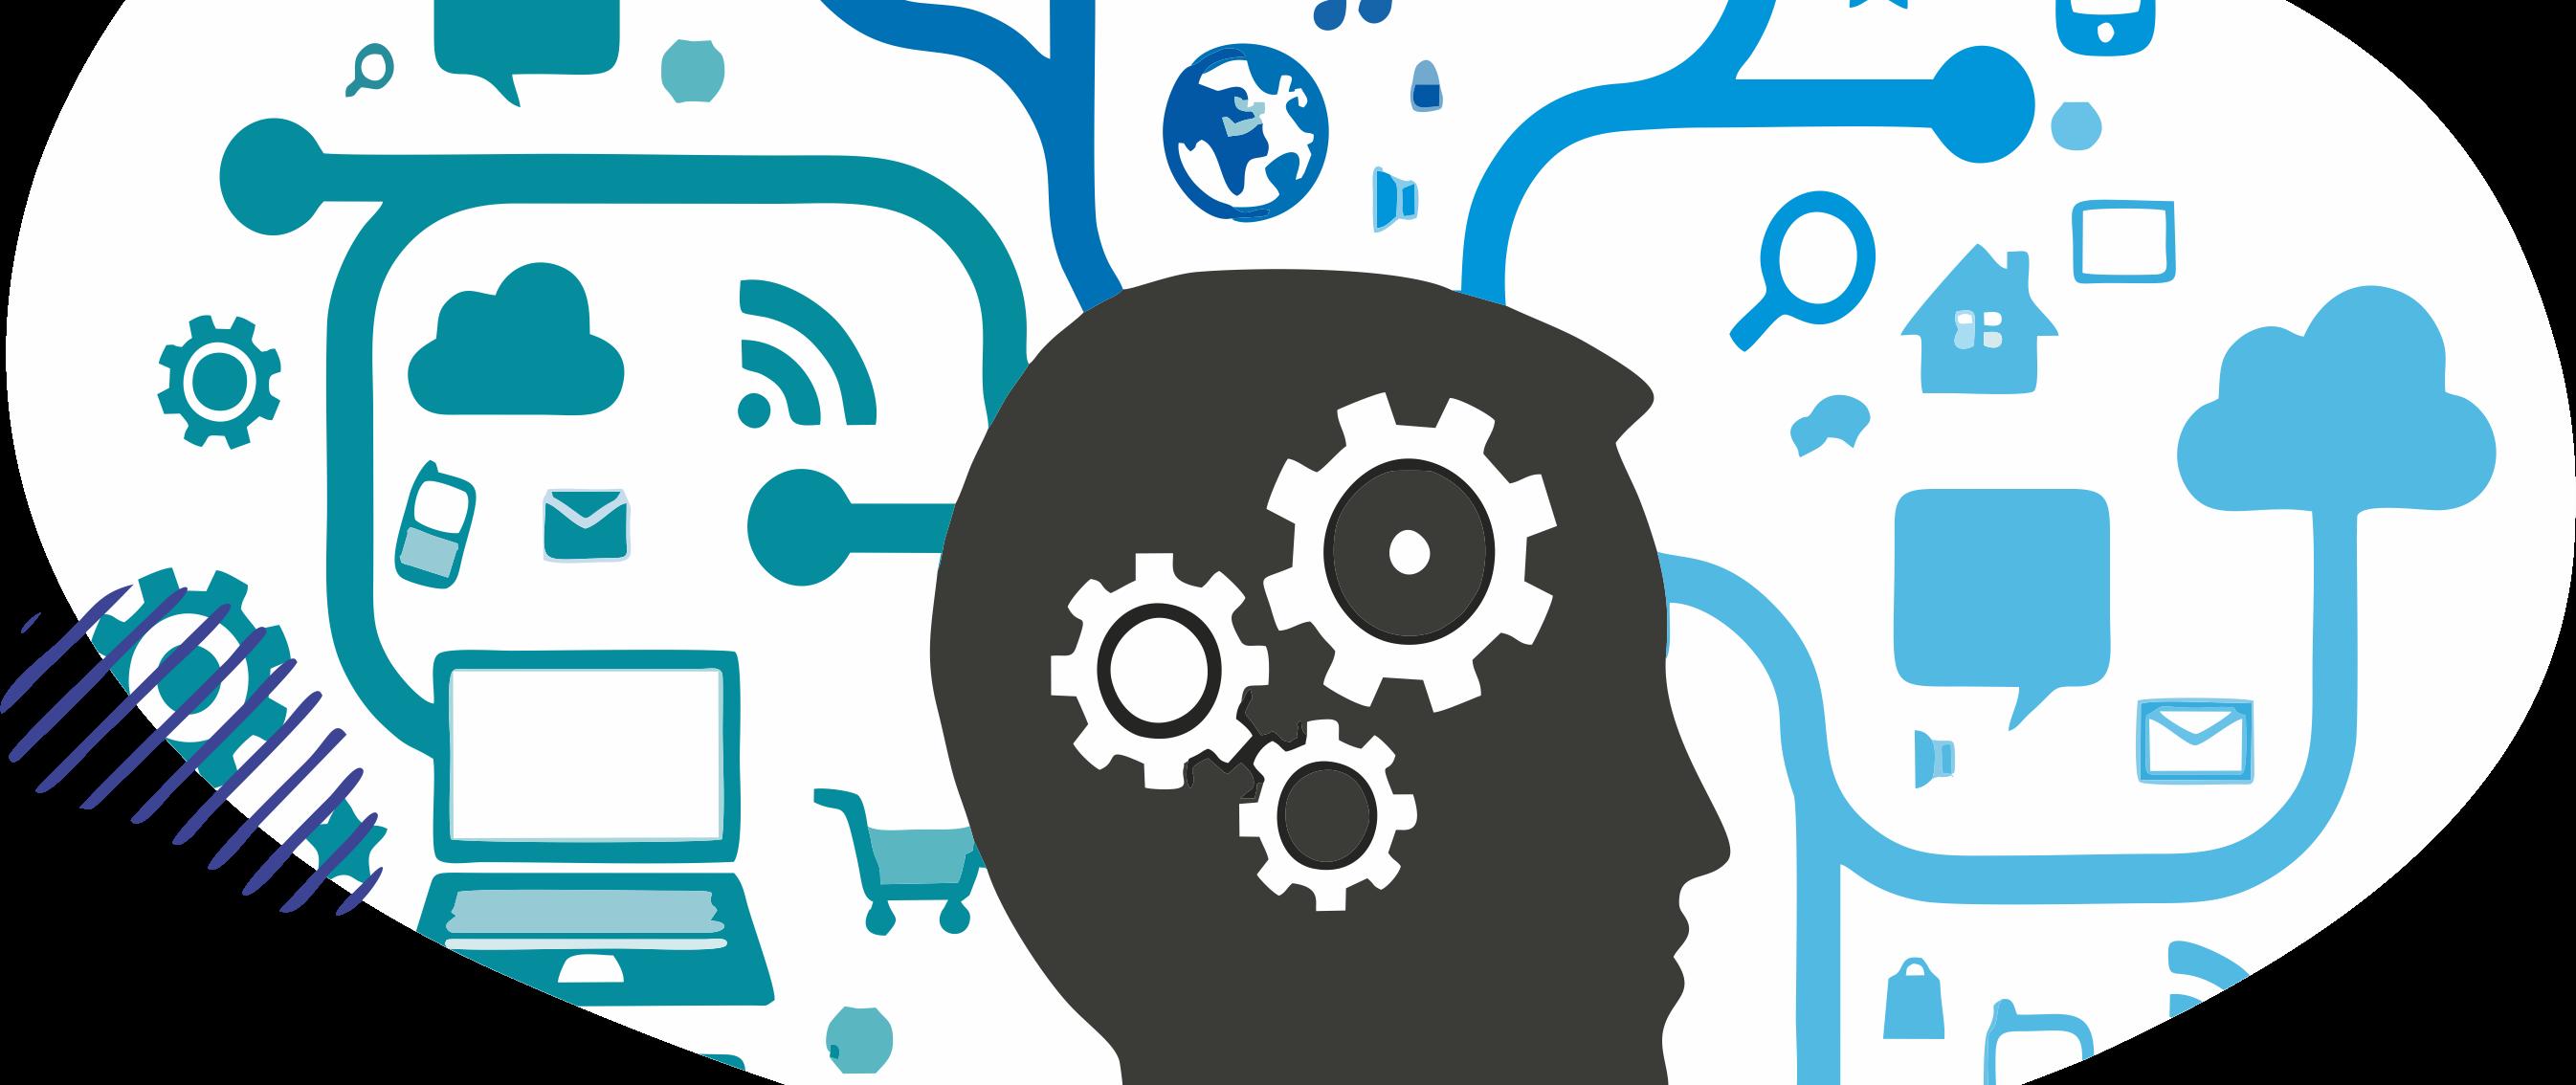 Gestão Empresarial: Gestão da Inovação e Competitividade